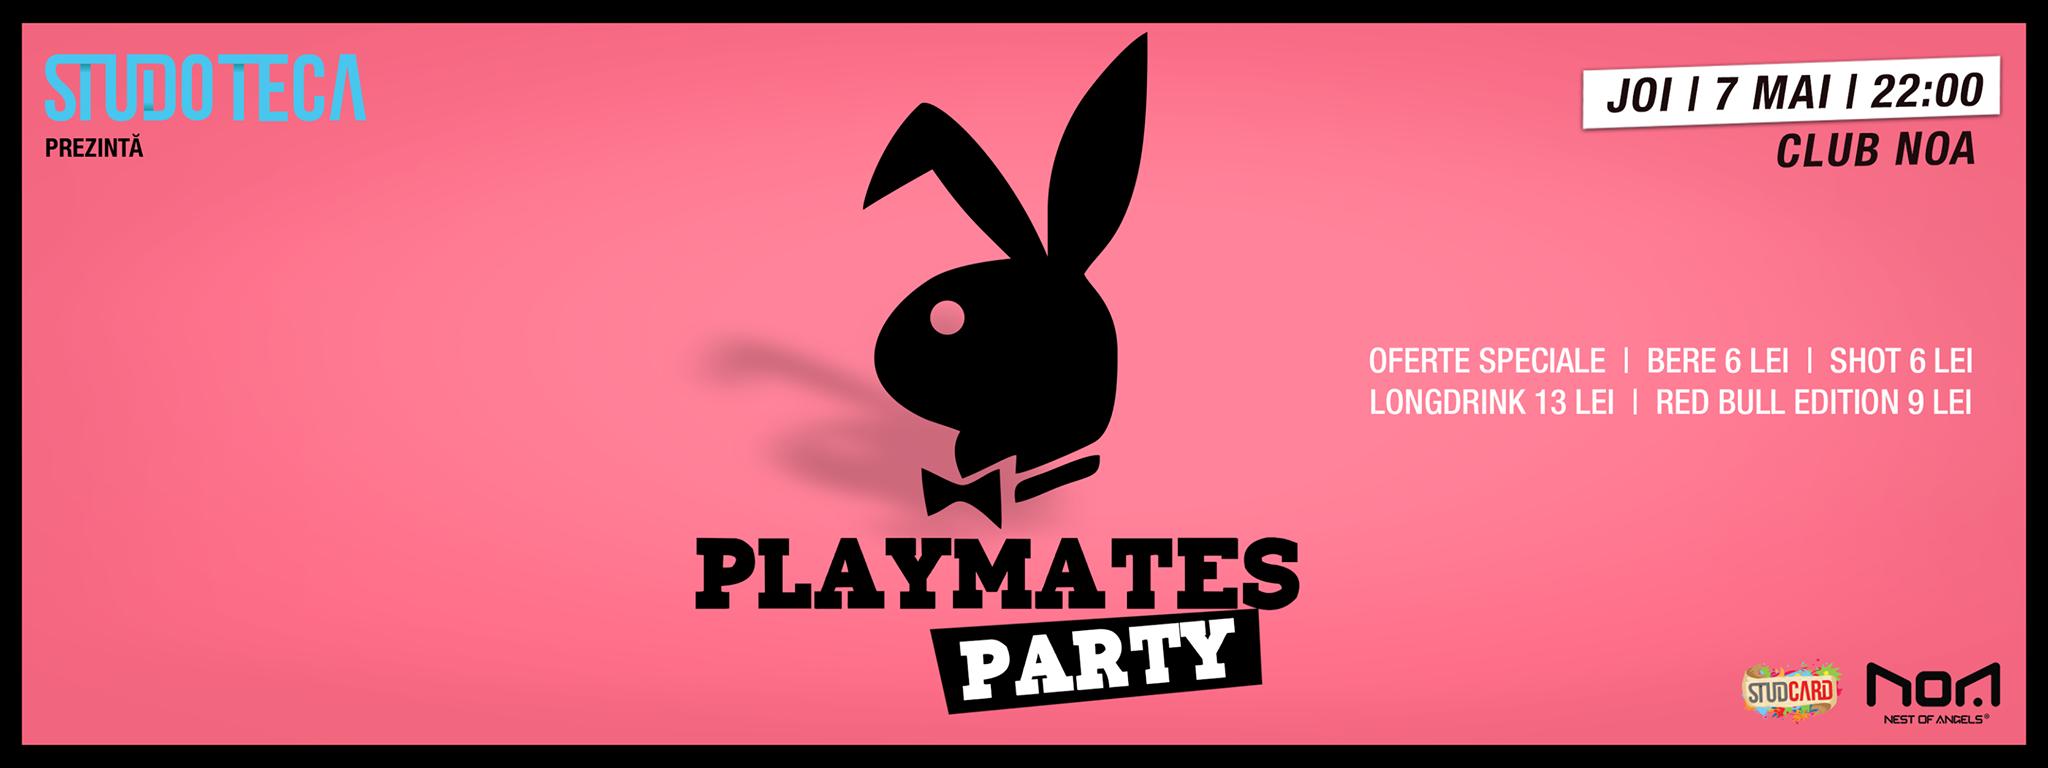 Studoteca prezintă: Playmates Party @ Club Noa